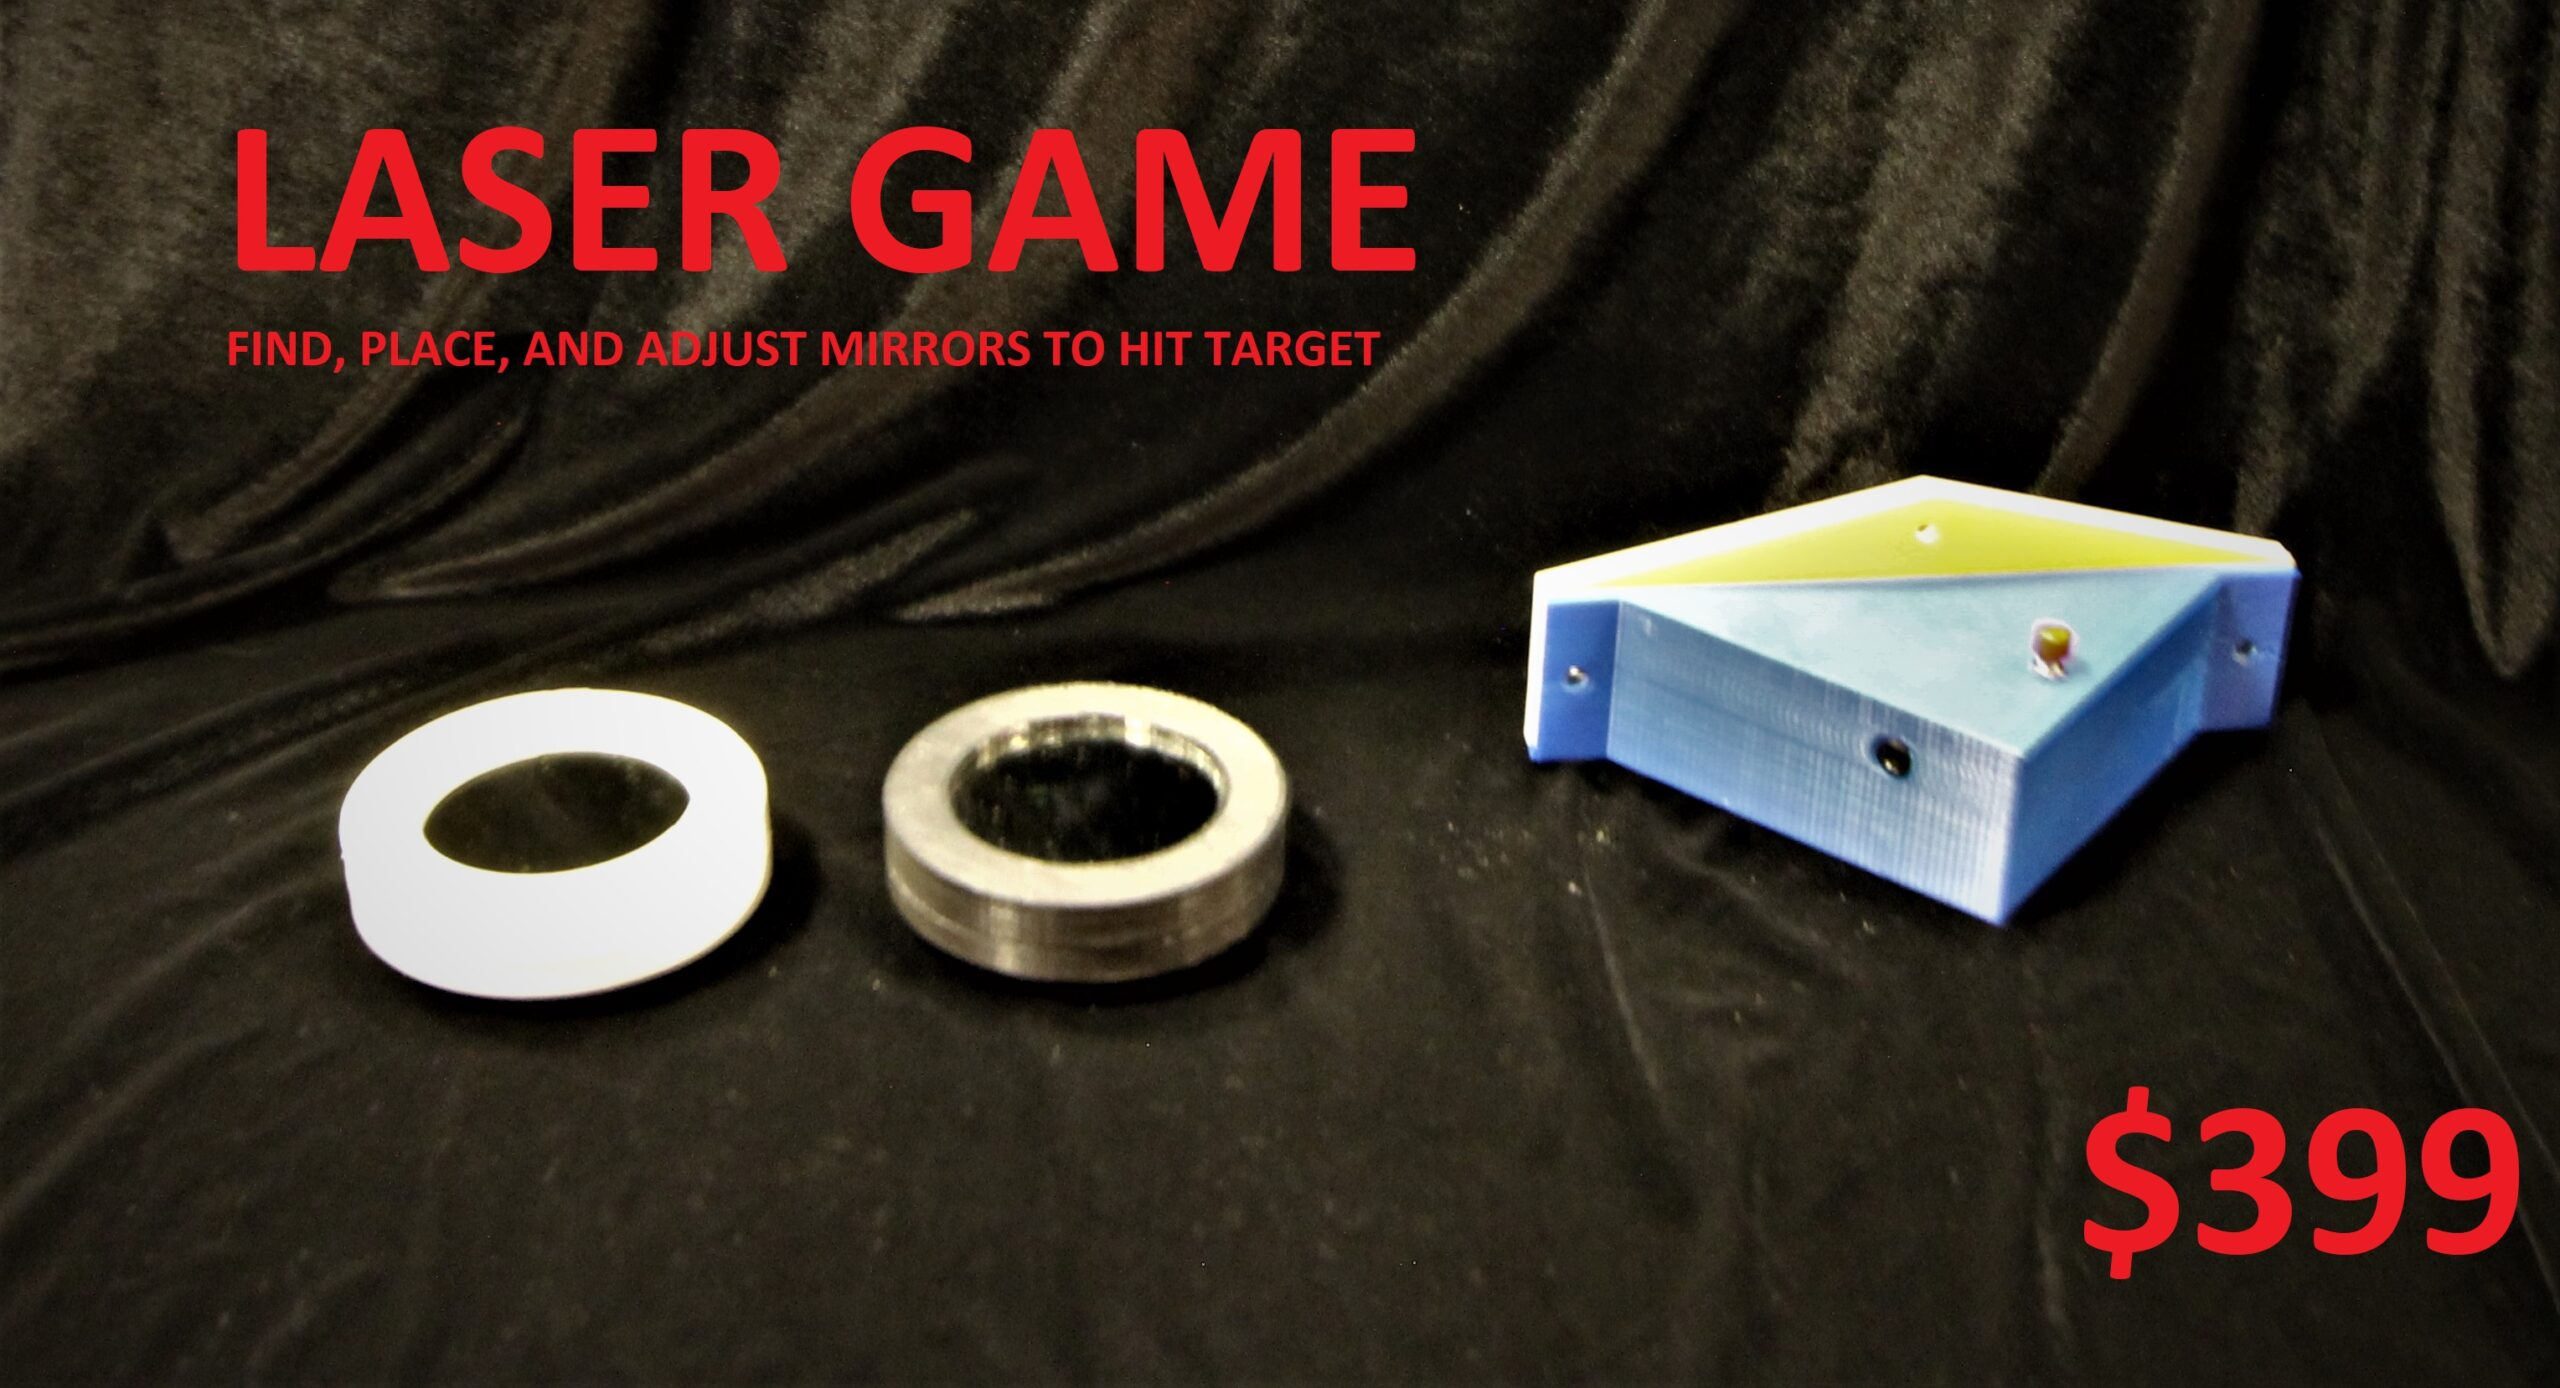 Laser Game Image